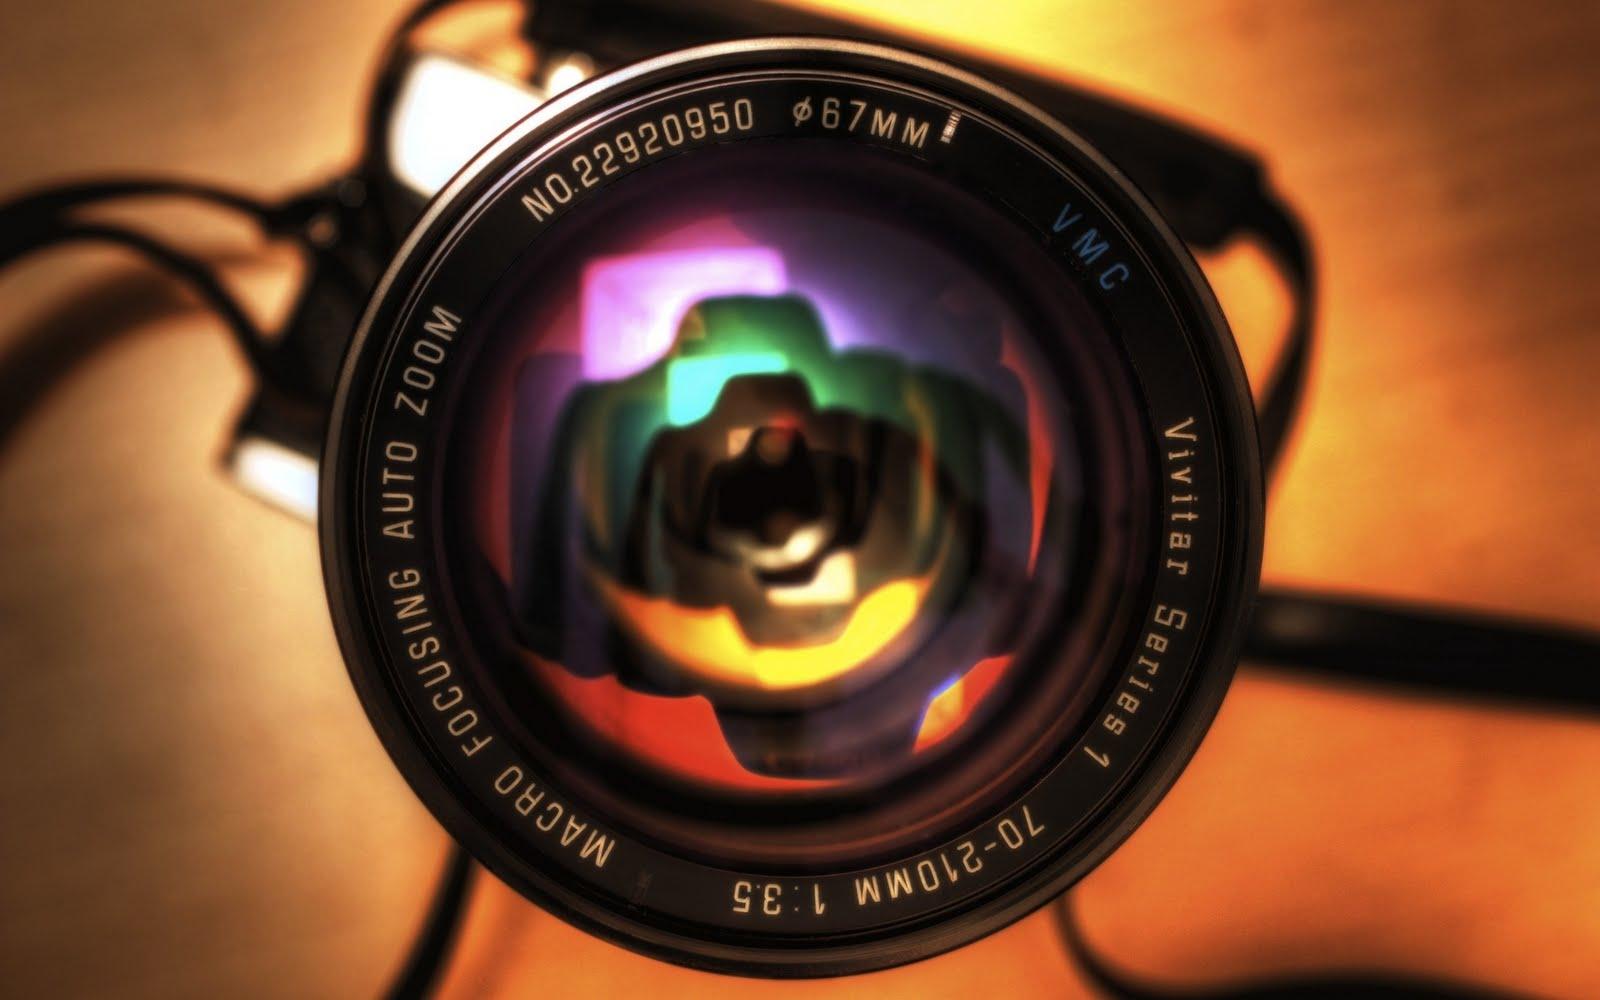 http://1.bp.blogspot.com/-mRVETDmGeCQ/TlfS3lauMWI/AAAAAAAAAMM/65iqvxl749s/s1600/Camera%2BLens.jpg